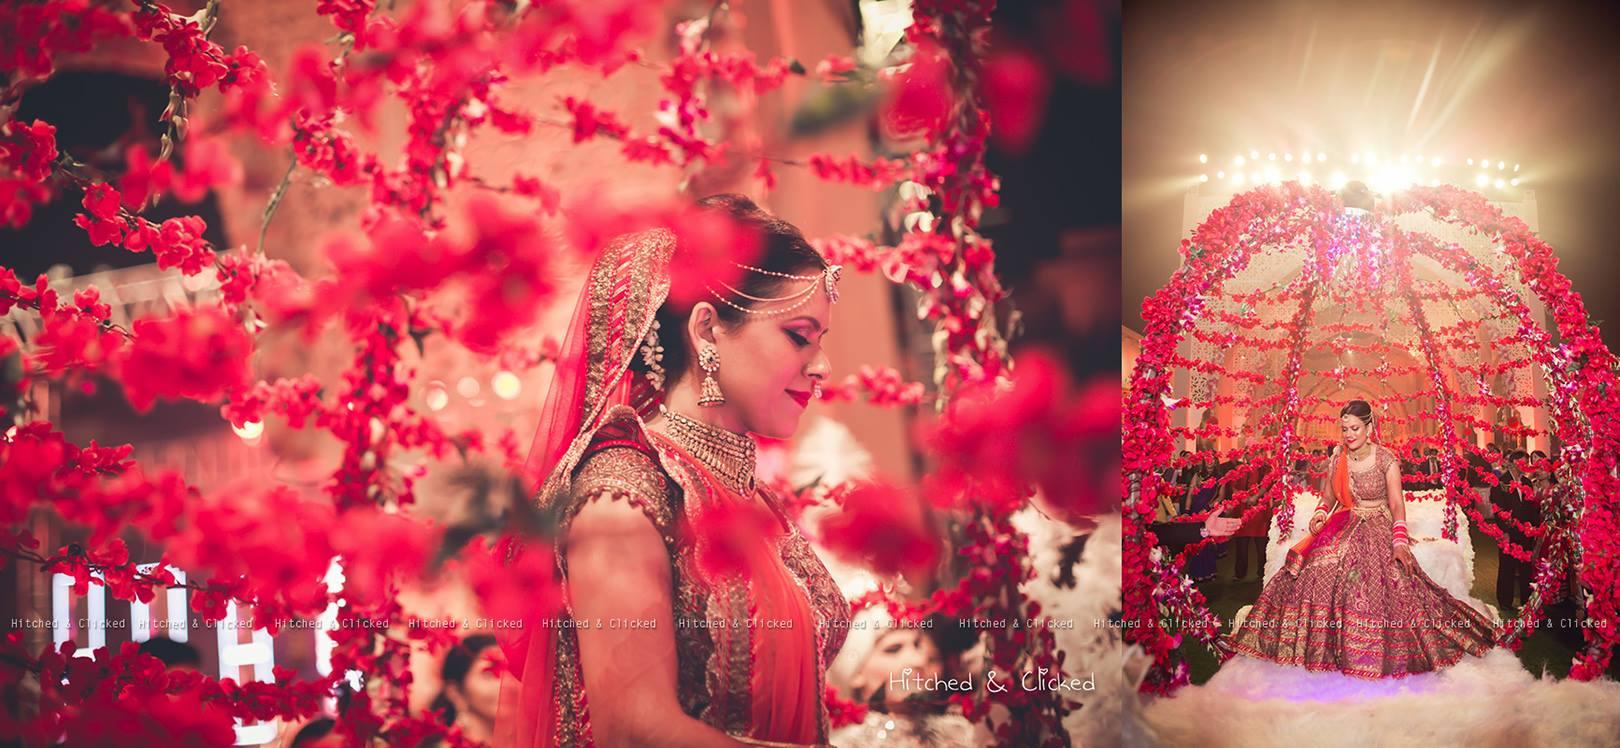 bride entry, bridal entry, bridal lehenga, red lehenga